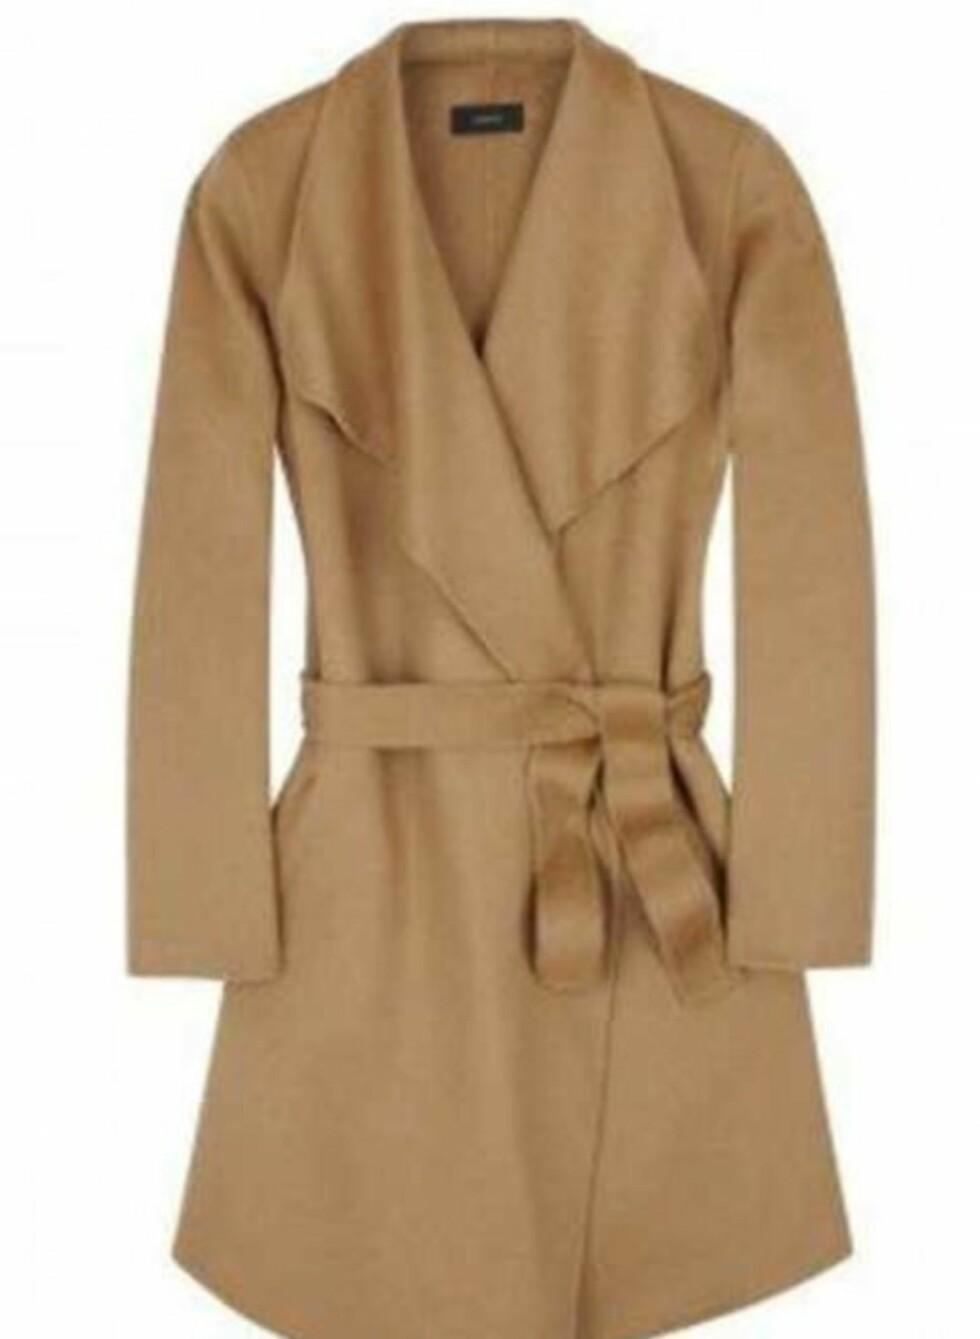 Deilig og dyr kasjmirfrakk. Kombiner med smale jeans og høstens trendy skoletter (ca kr 5550, Joseph/My-wardrobe). Et rimelig alternativ til denne er en trench coat i samme farge.